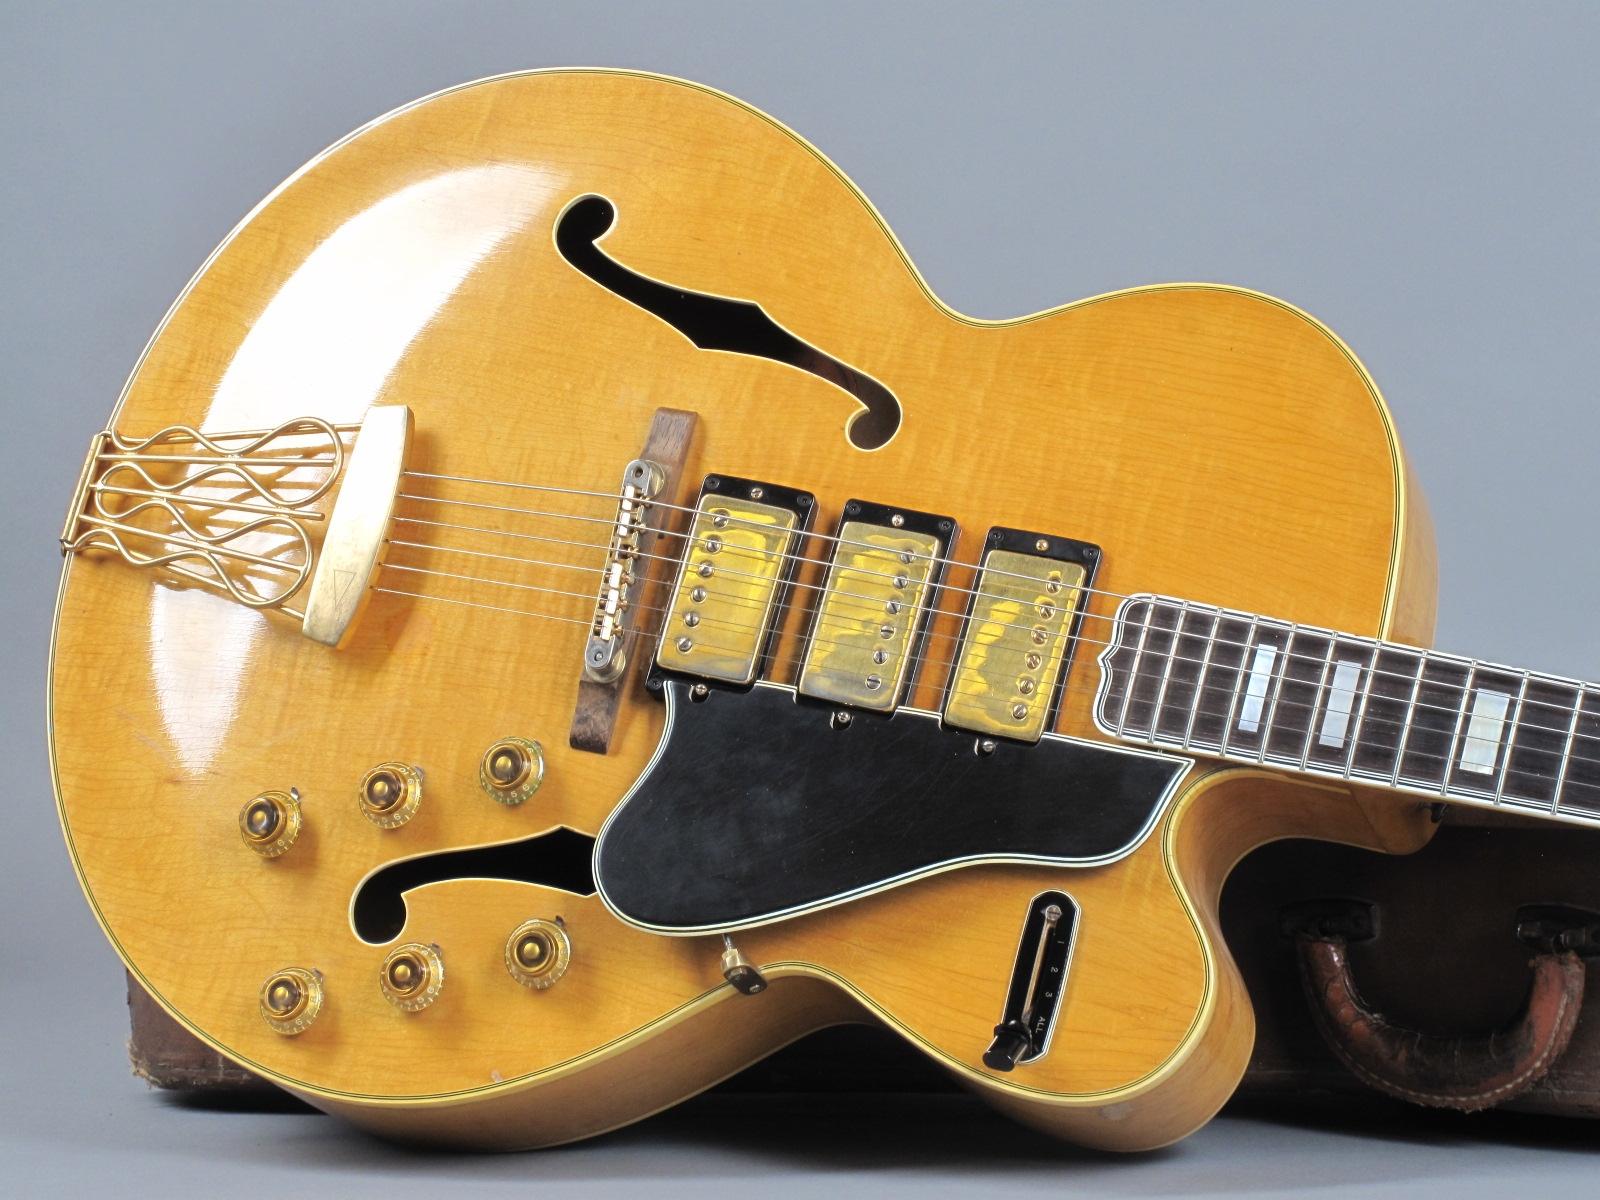 https://guitarpoint.de/app/uploads/products/1957-gibson-es-5-switchmaster-natural/1957-Gibson-ES-5-Switchmaster-Natural-A26796_19.jpg